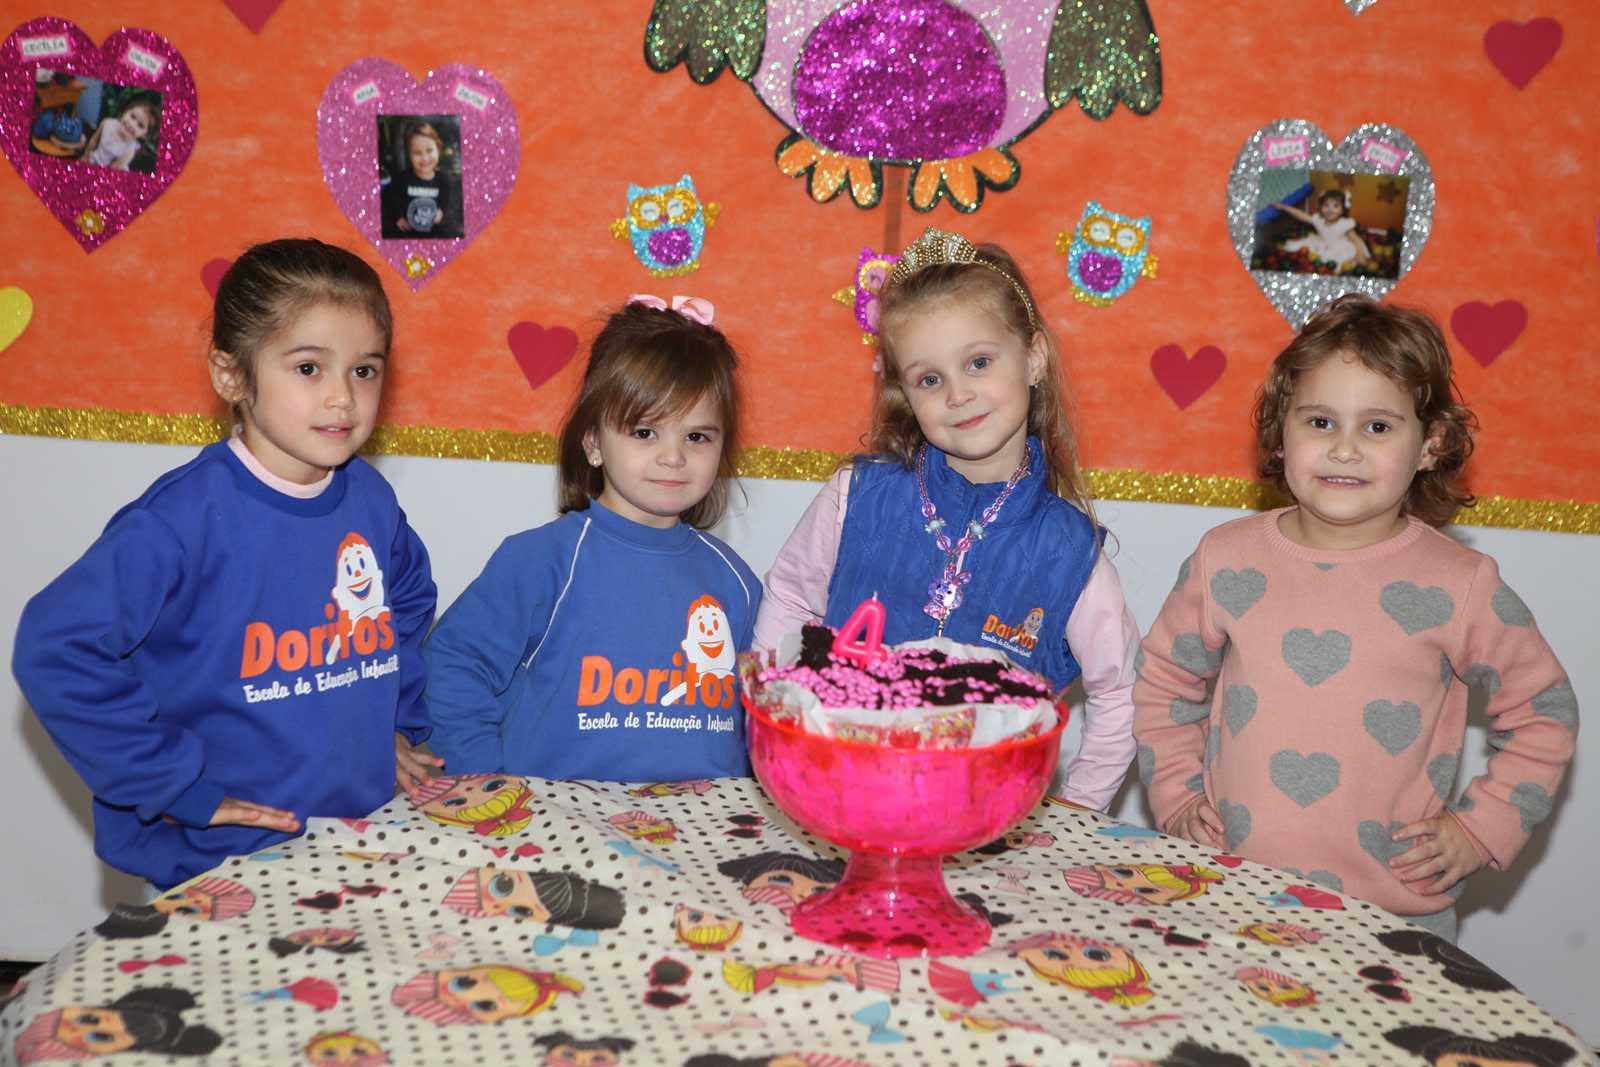 Aniversariantes de Maio - Escola Doritos